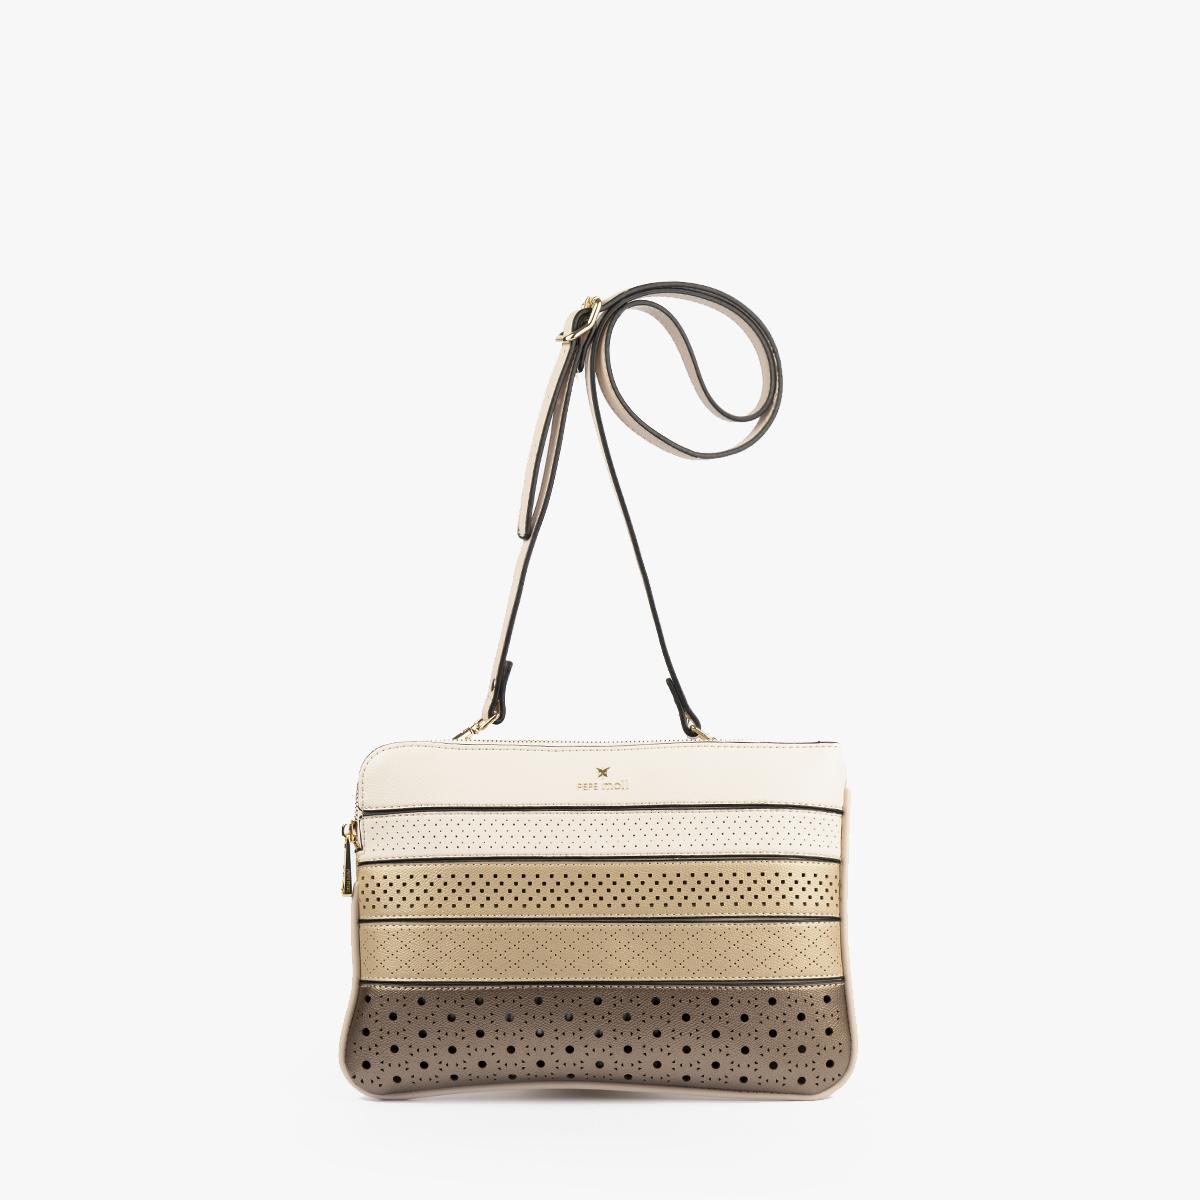 52053 bolso bandolera tricolor dorado